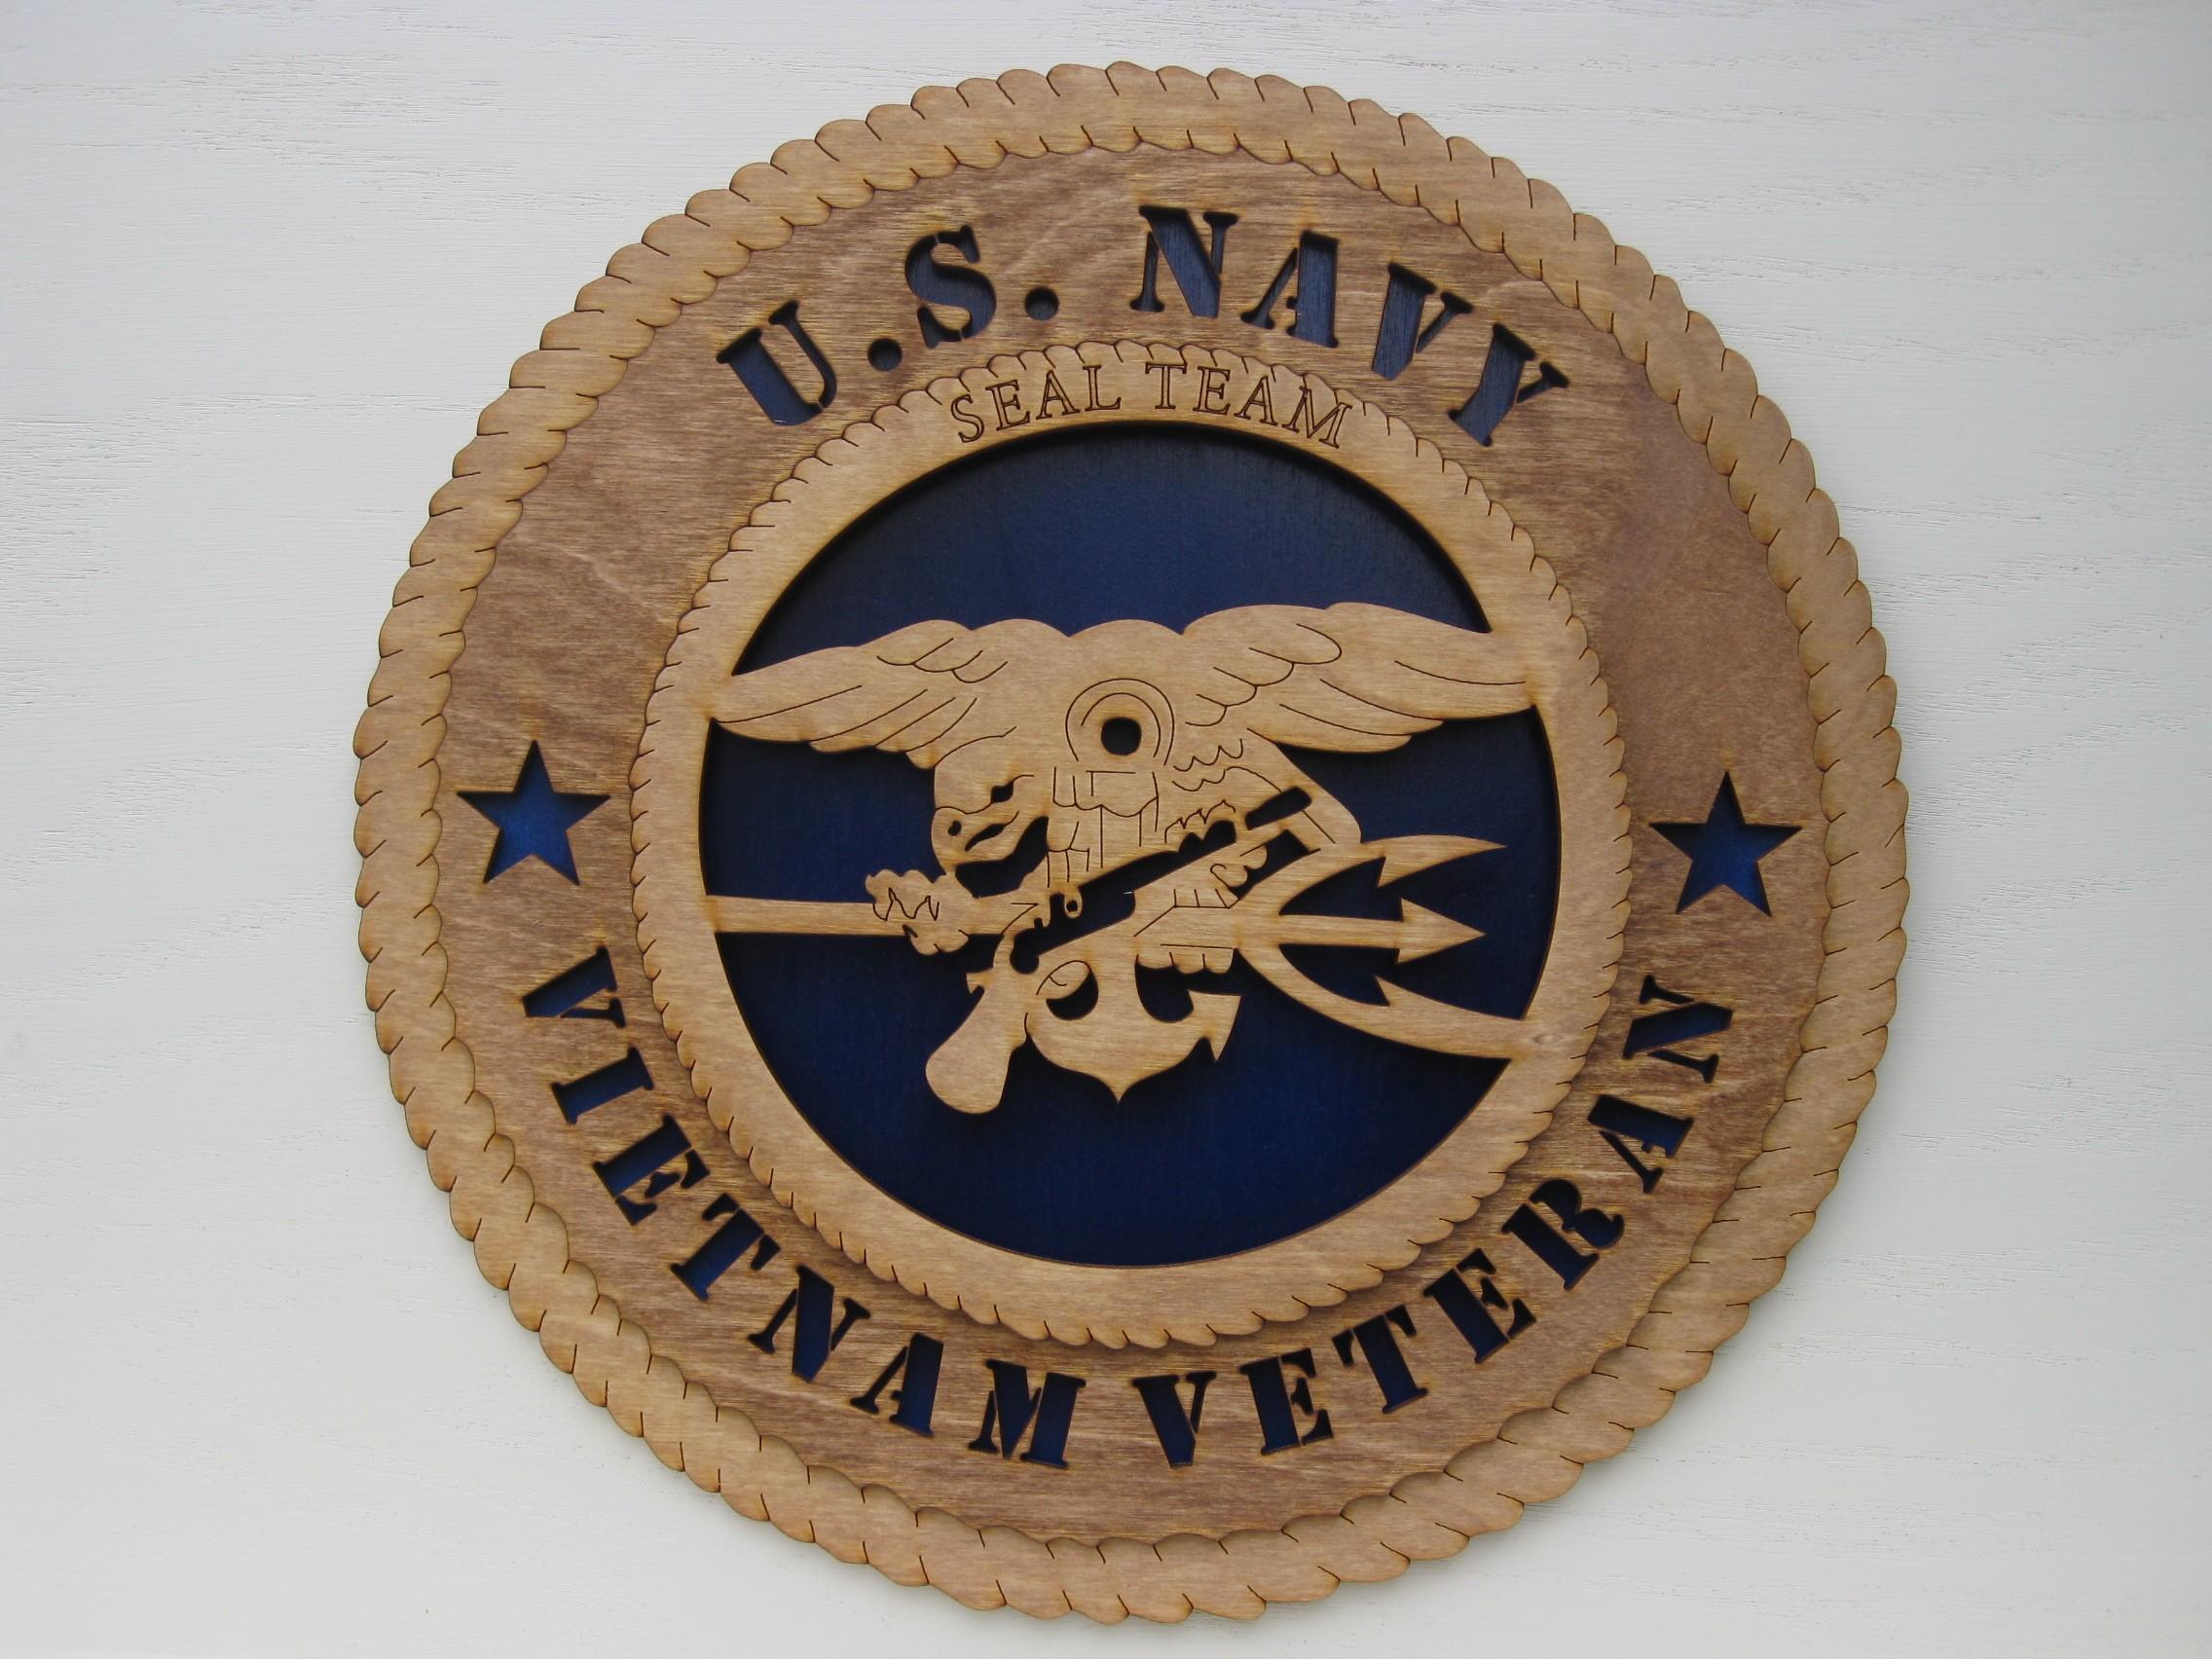 Us navy military plaque micks military shop us navy seal team vietnam veteran plaque biocorpaavc